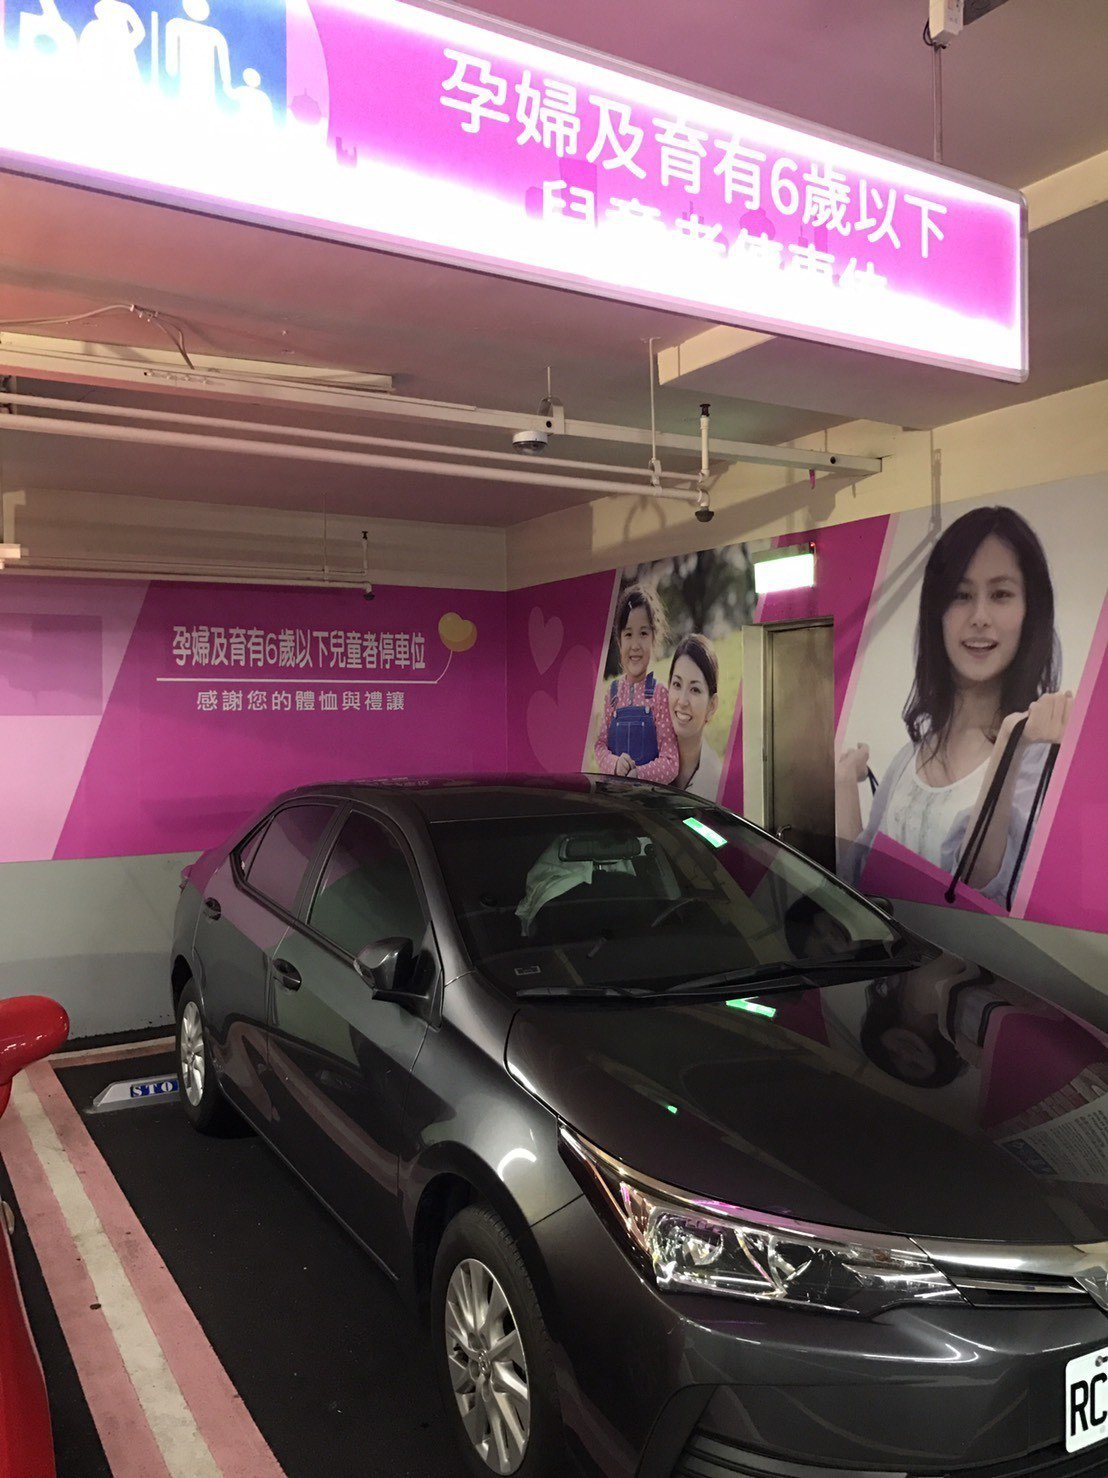 違規占用婦幼車位者,最高將處1200元罰鍰。圖/新北市交通局提供